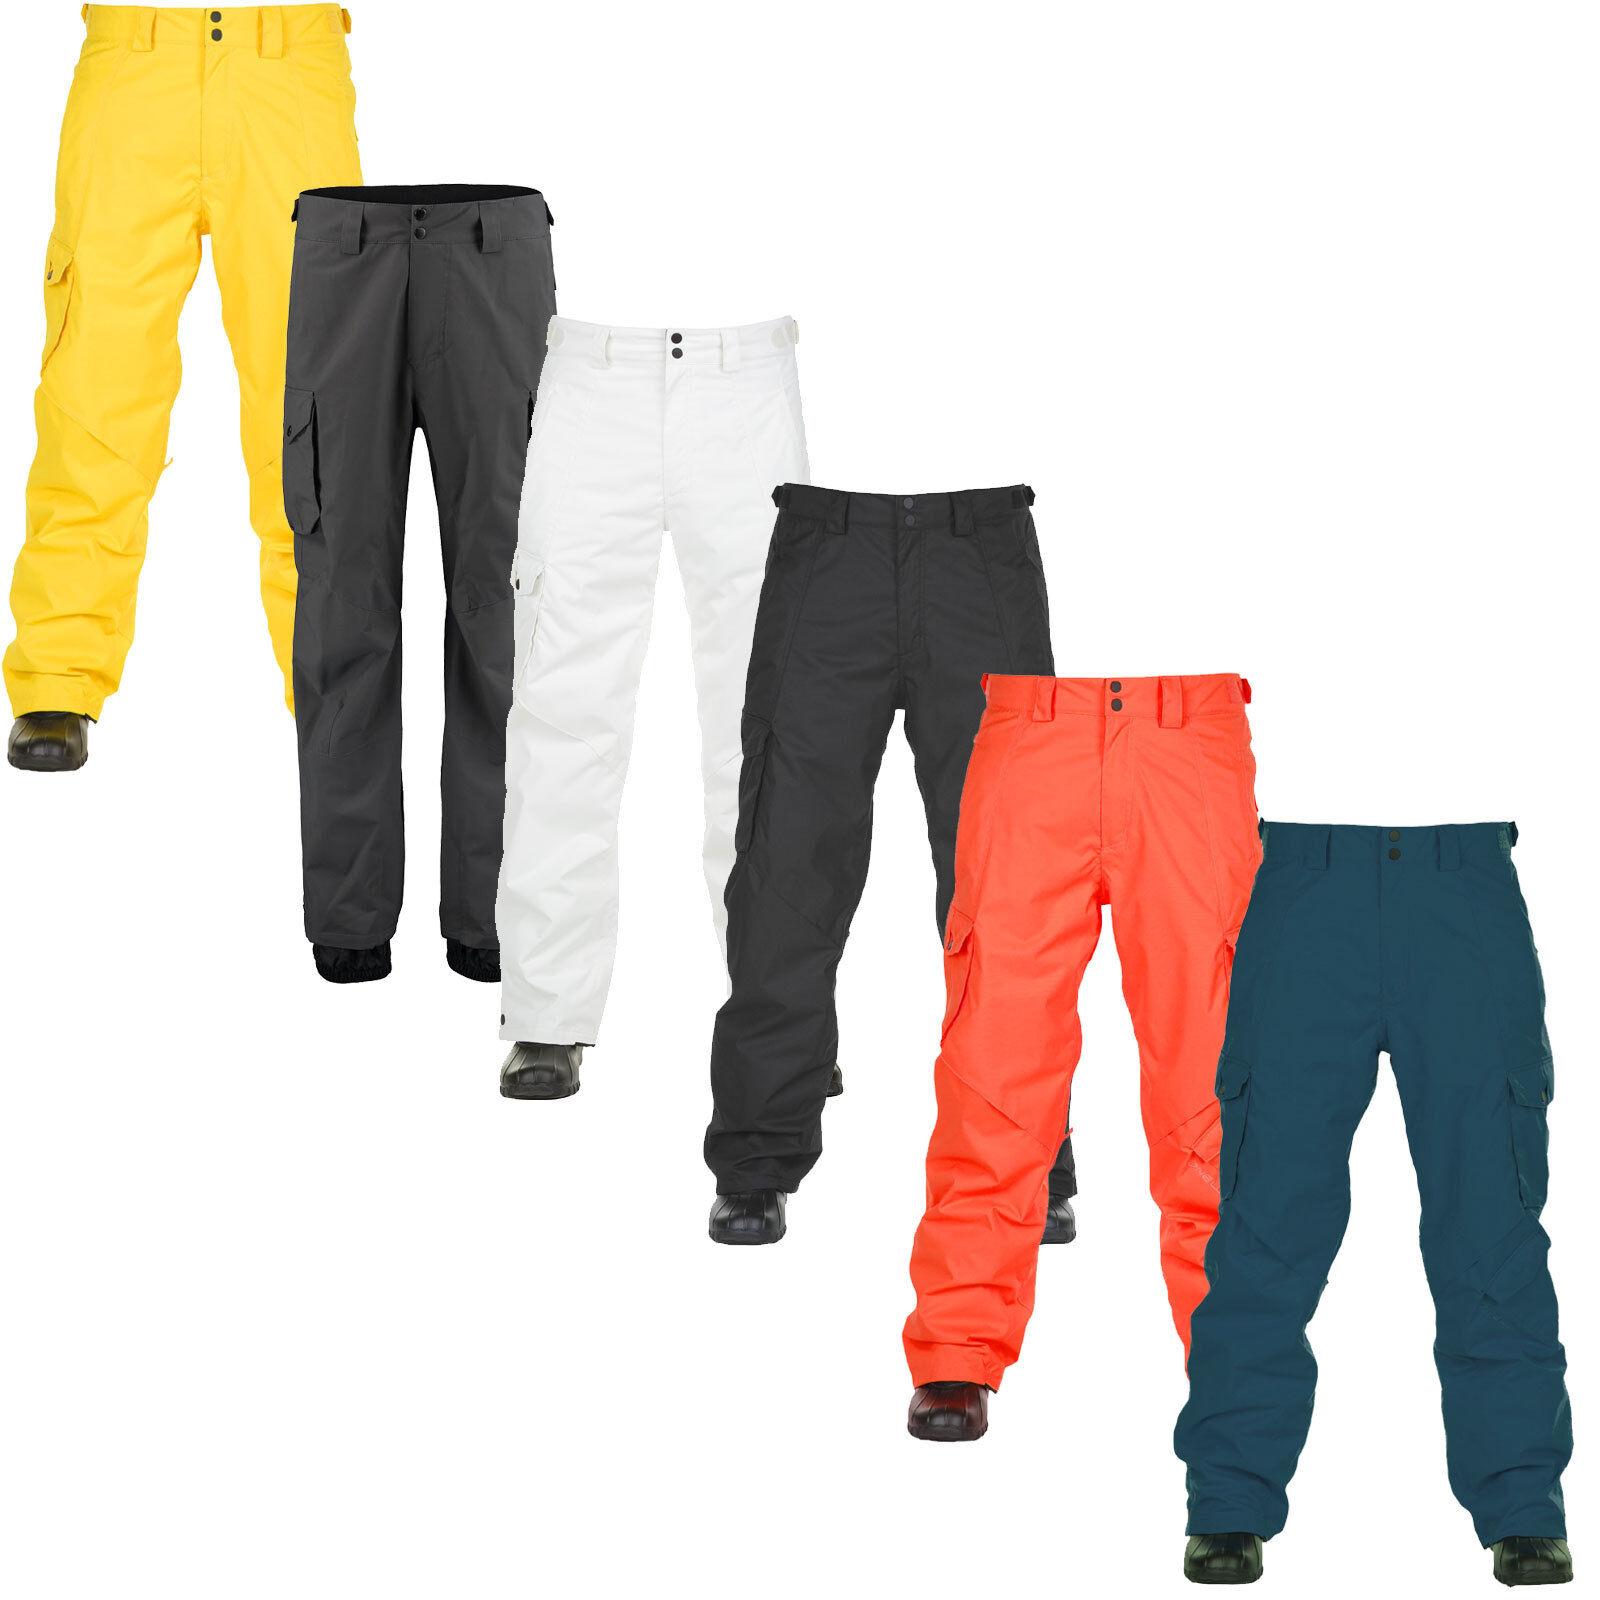 Oneill Exalt Pantalón de Hombre Pantalones Snowboard Esquí Funcionales Nuevos